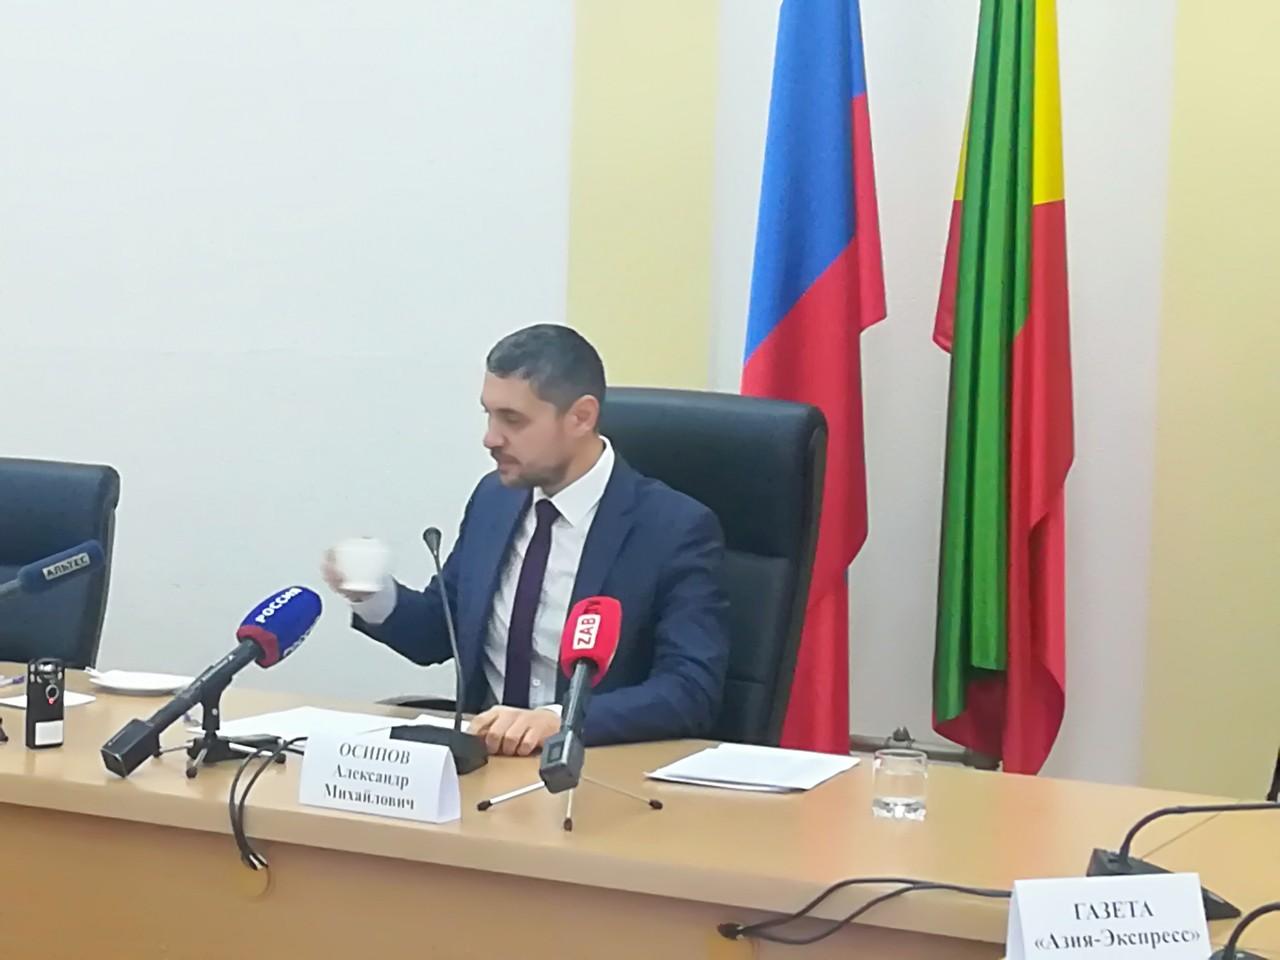 Первая пресс-конференция Осипова затянулась почти на два часа